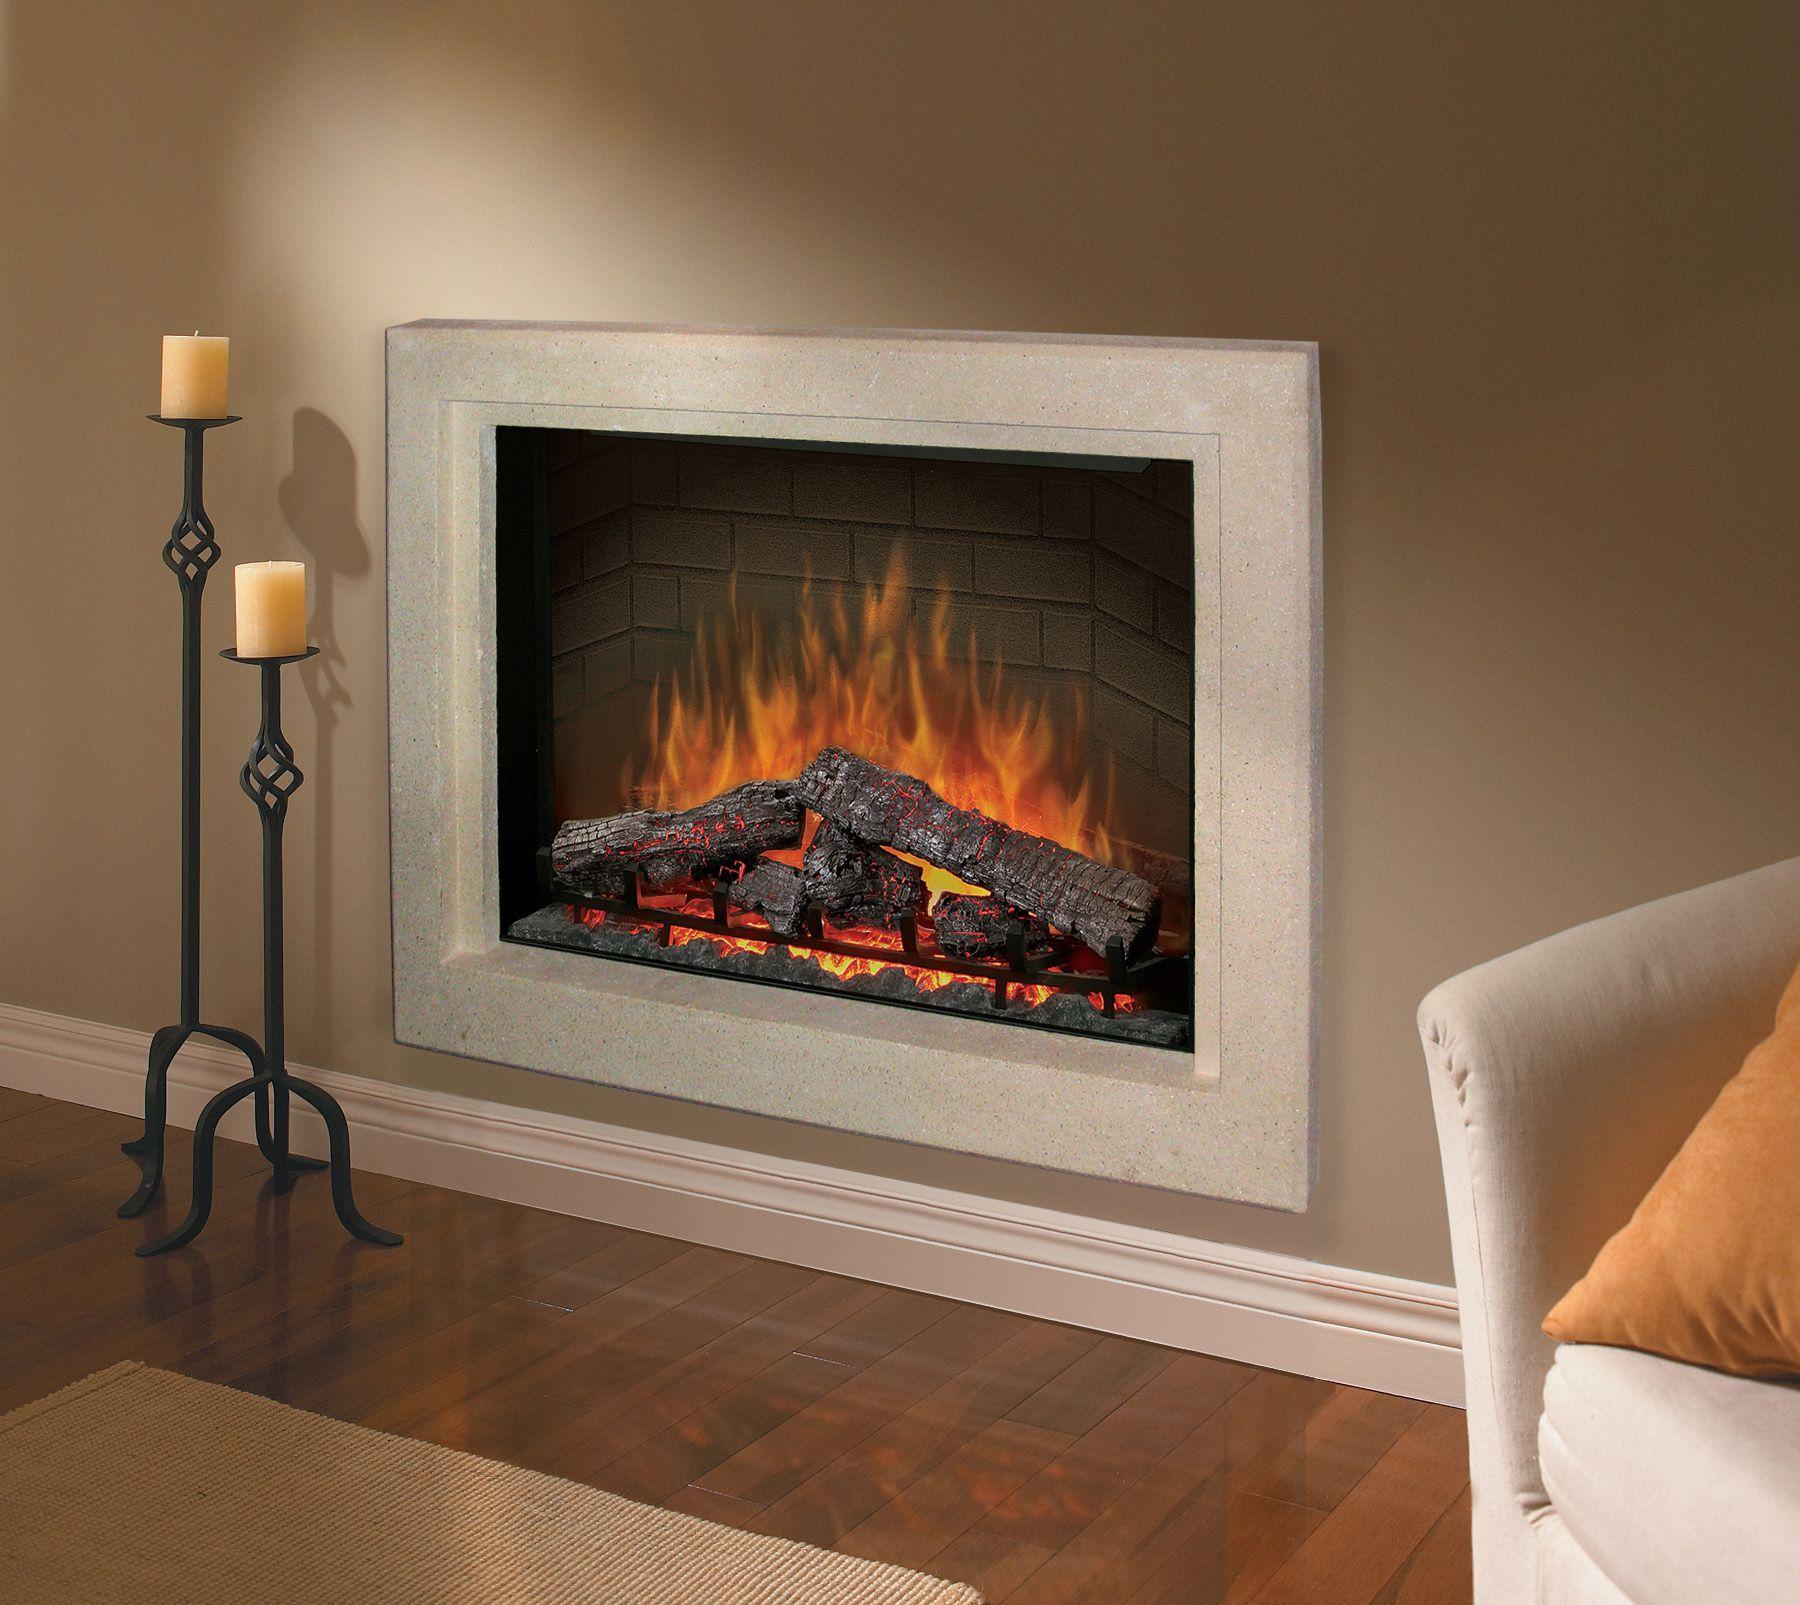 Dimplex bf39dxp electric fireplace 129900 cad trim glass dimplex 30 inch self trimming electric firebox teraionfo